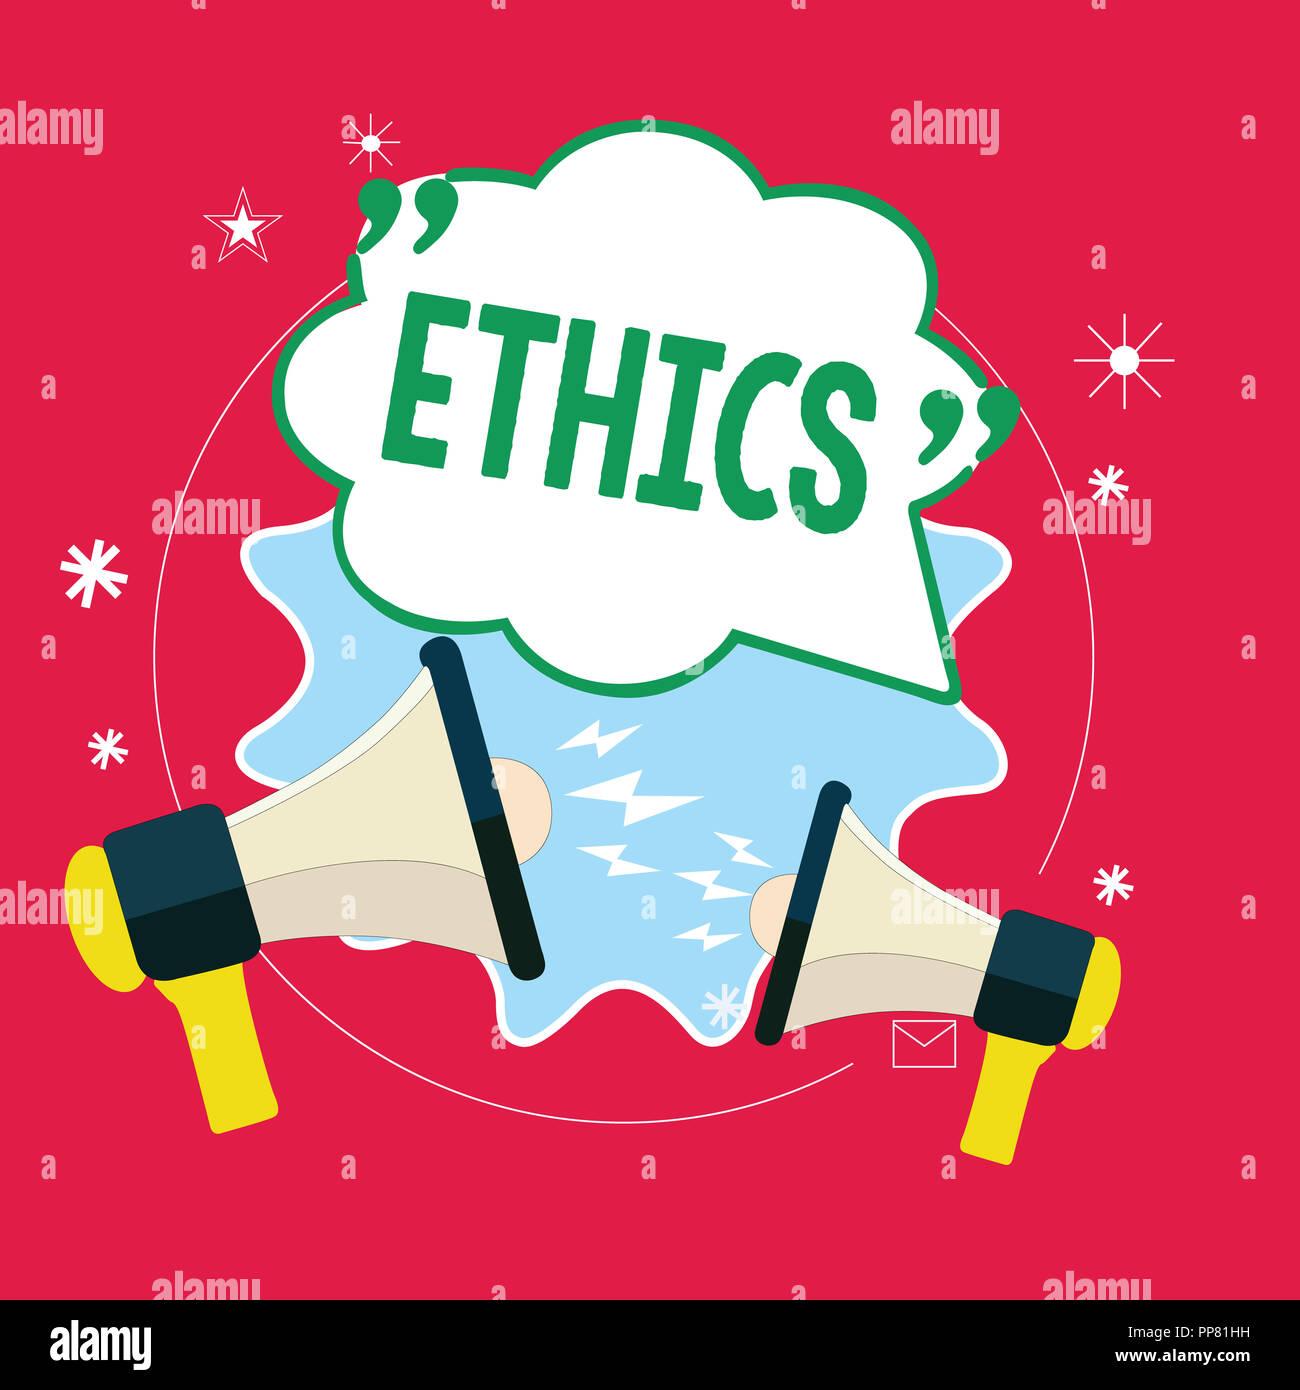 define a moral person